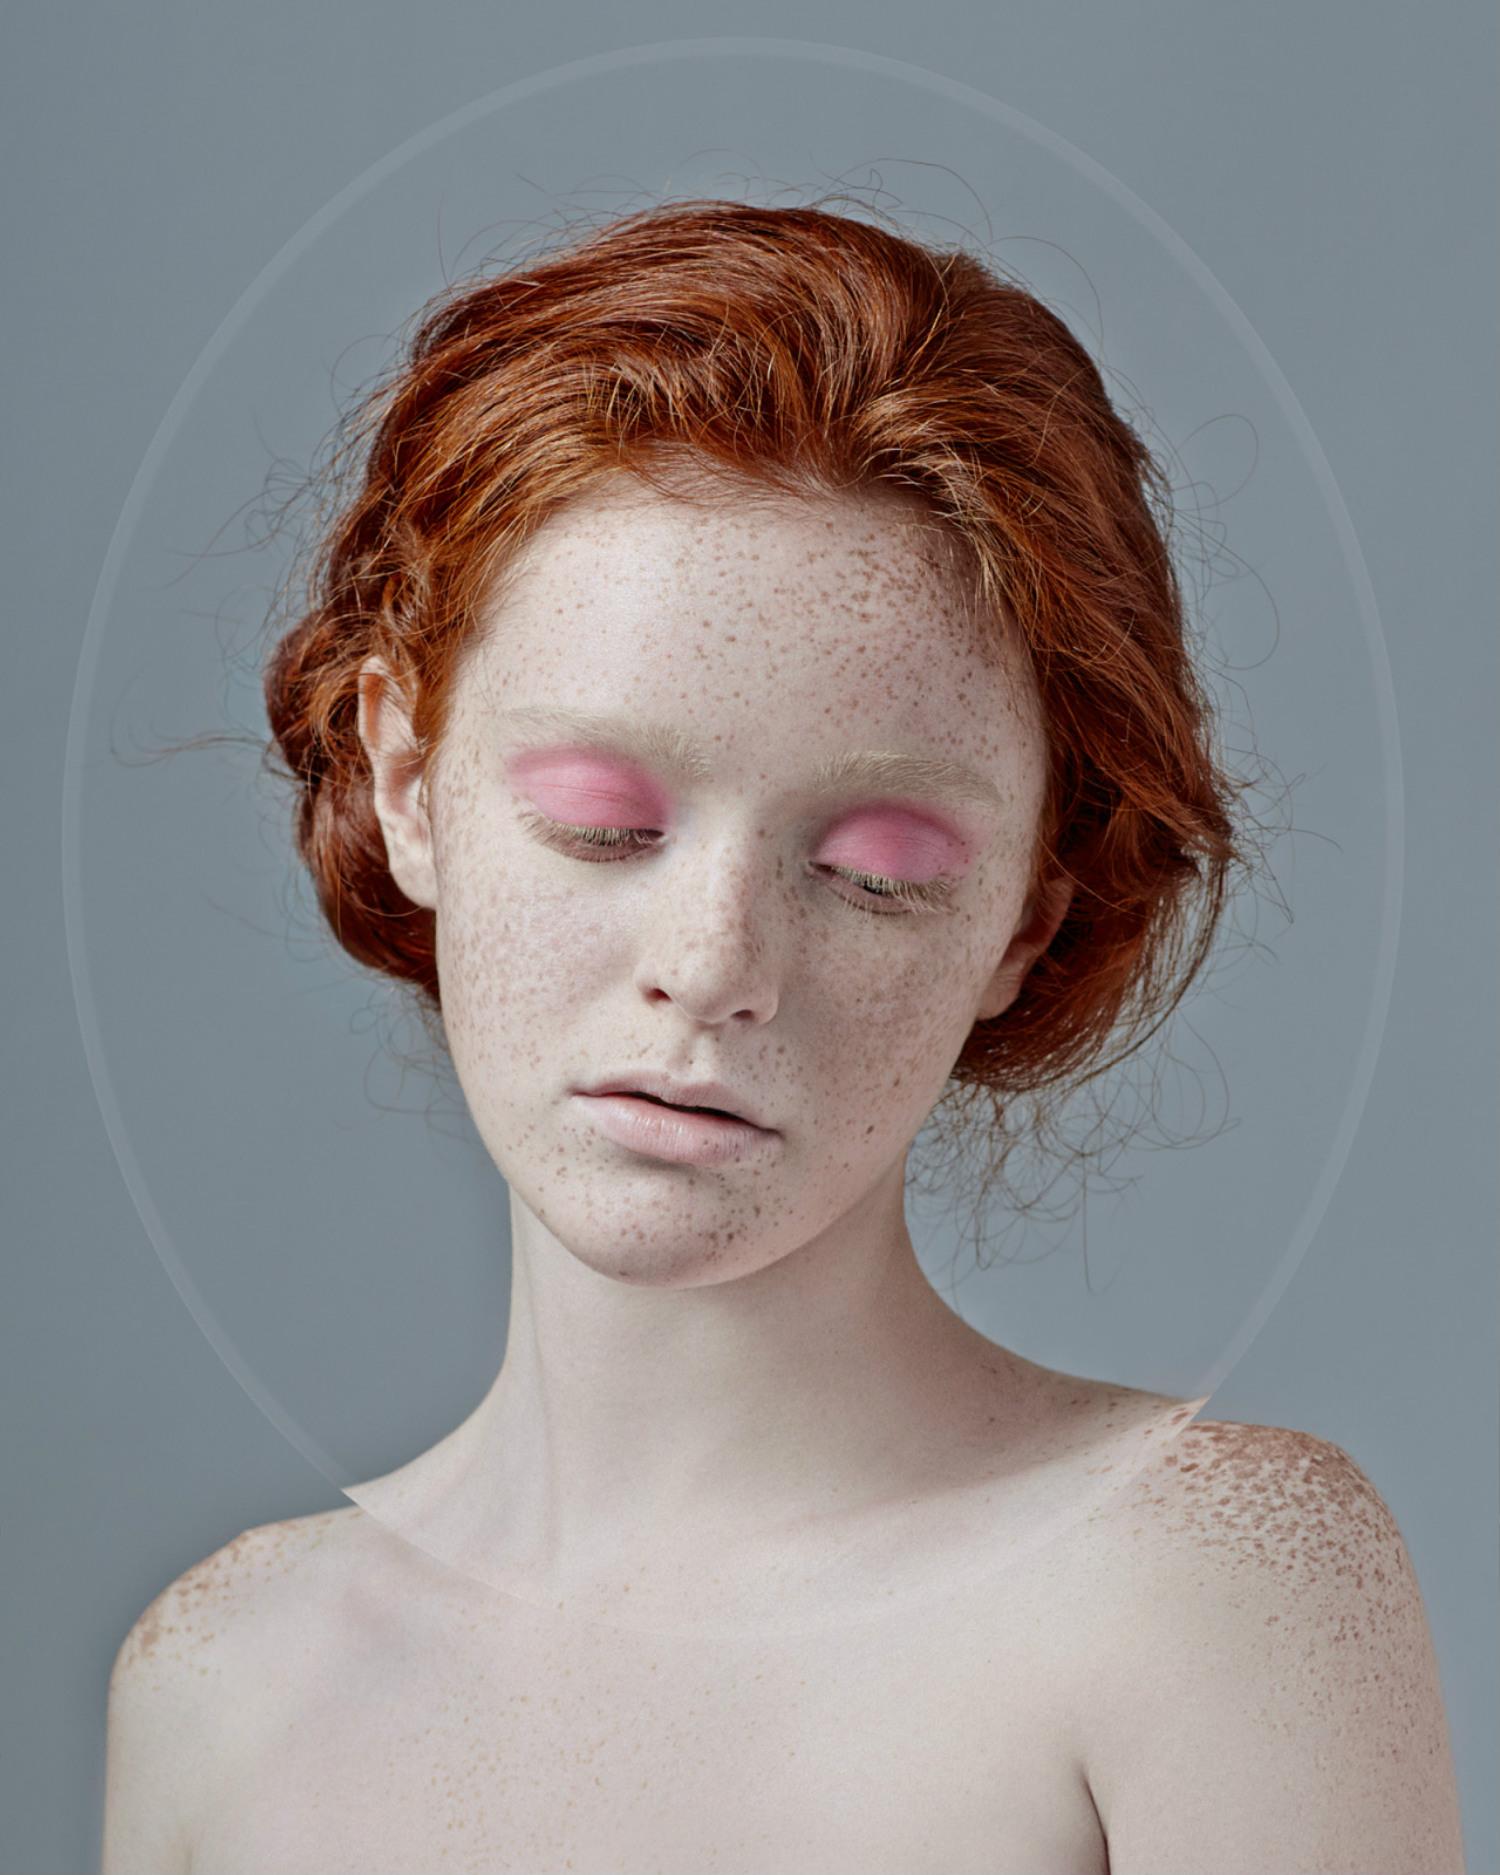 kristina varaksina red hair photographer